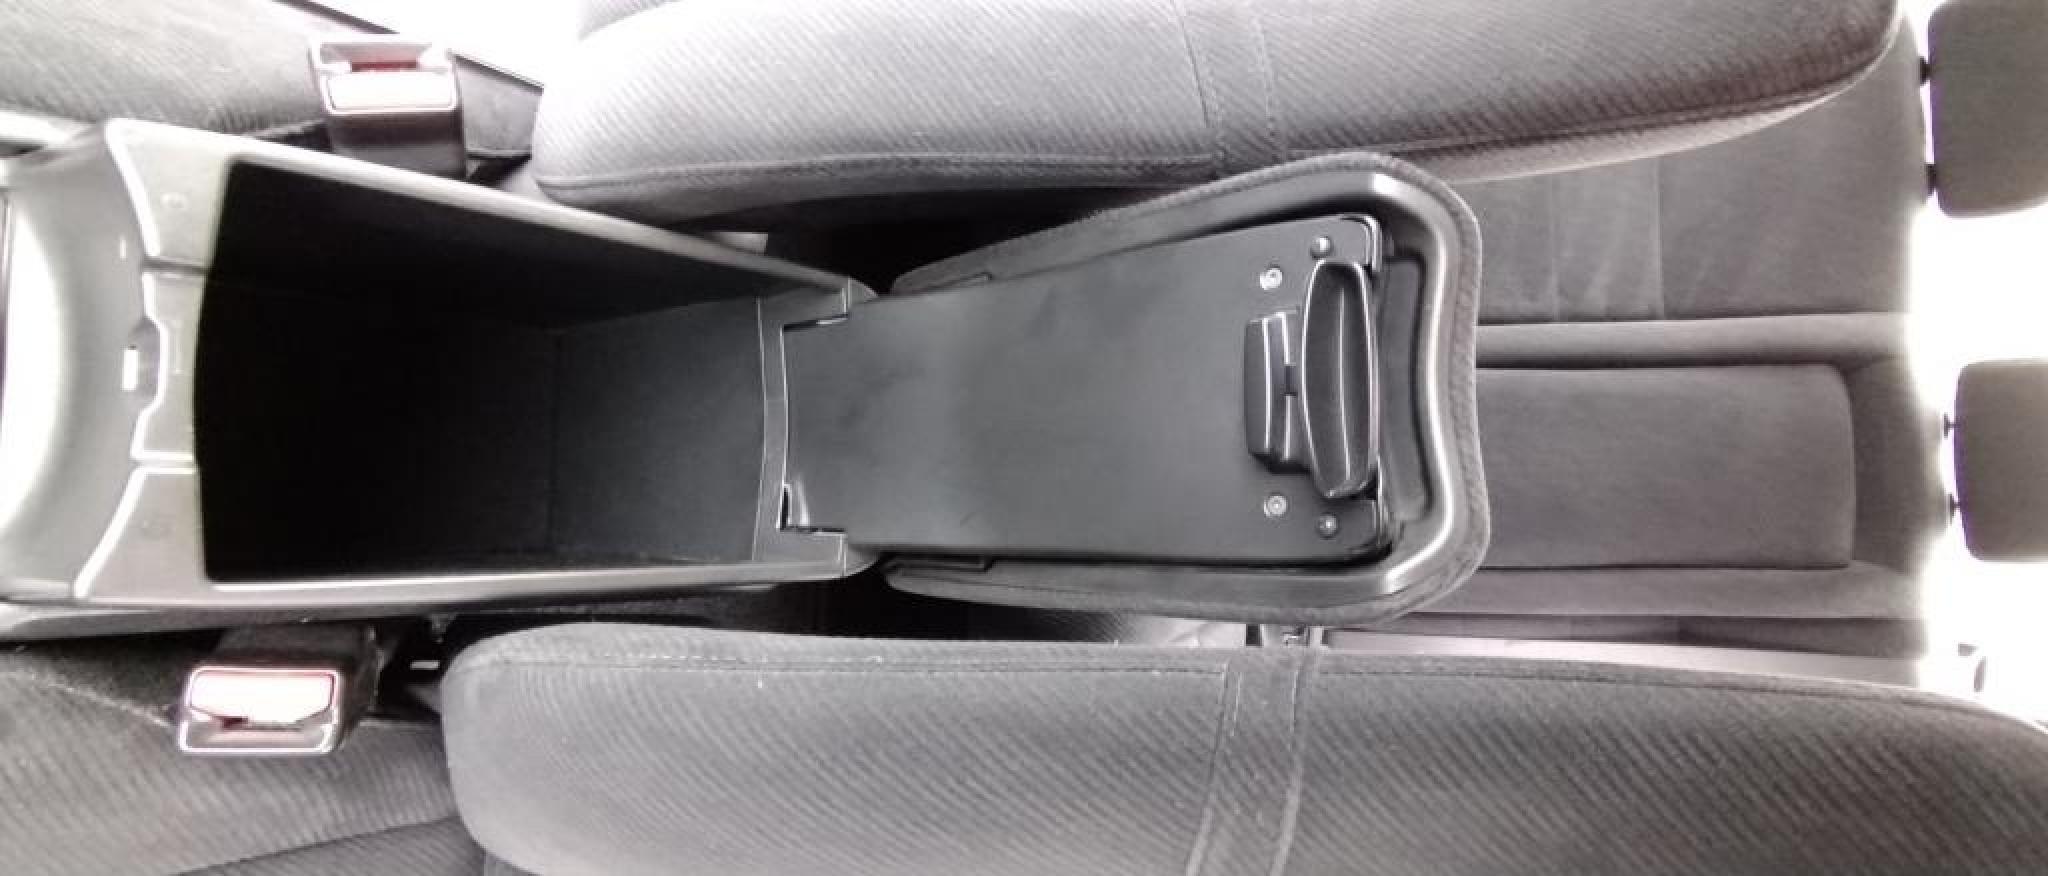 Honda-Civic-12